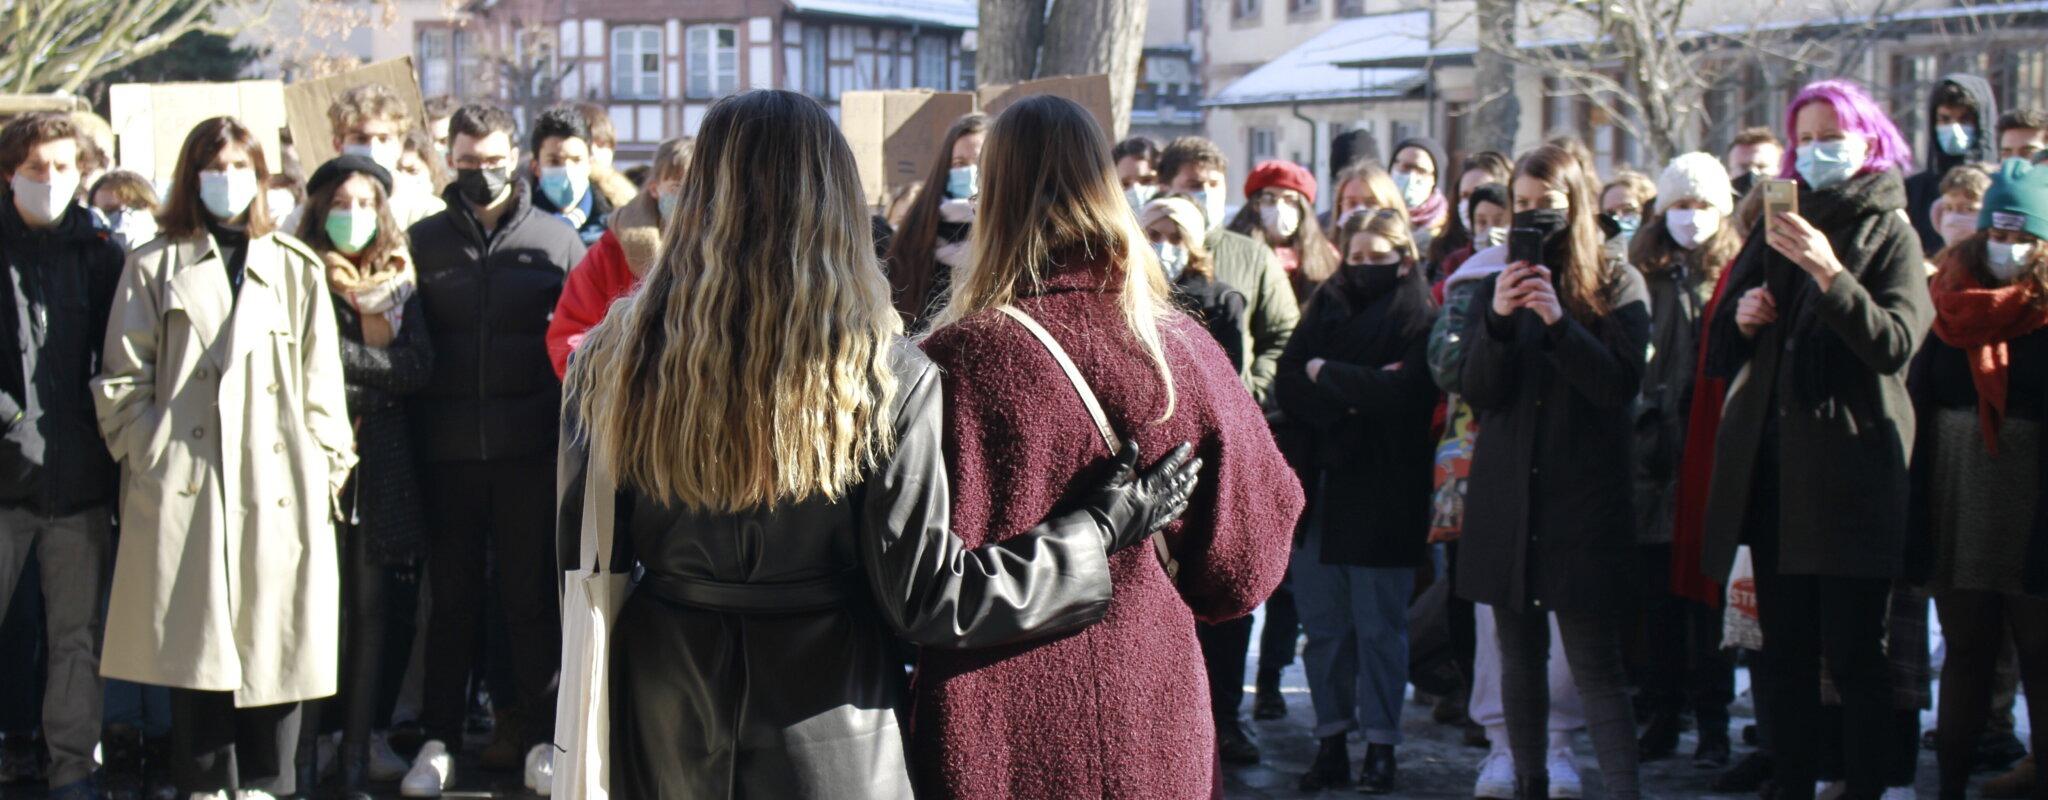 Violences sexuelles à Sciences Po Strasbourg, récit de plusieurs années d'omerta